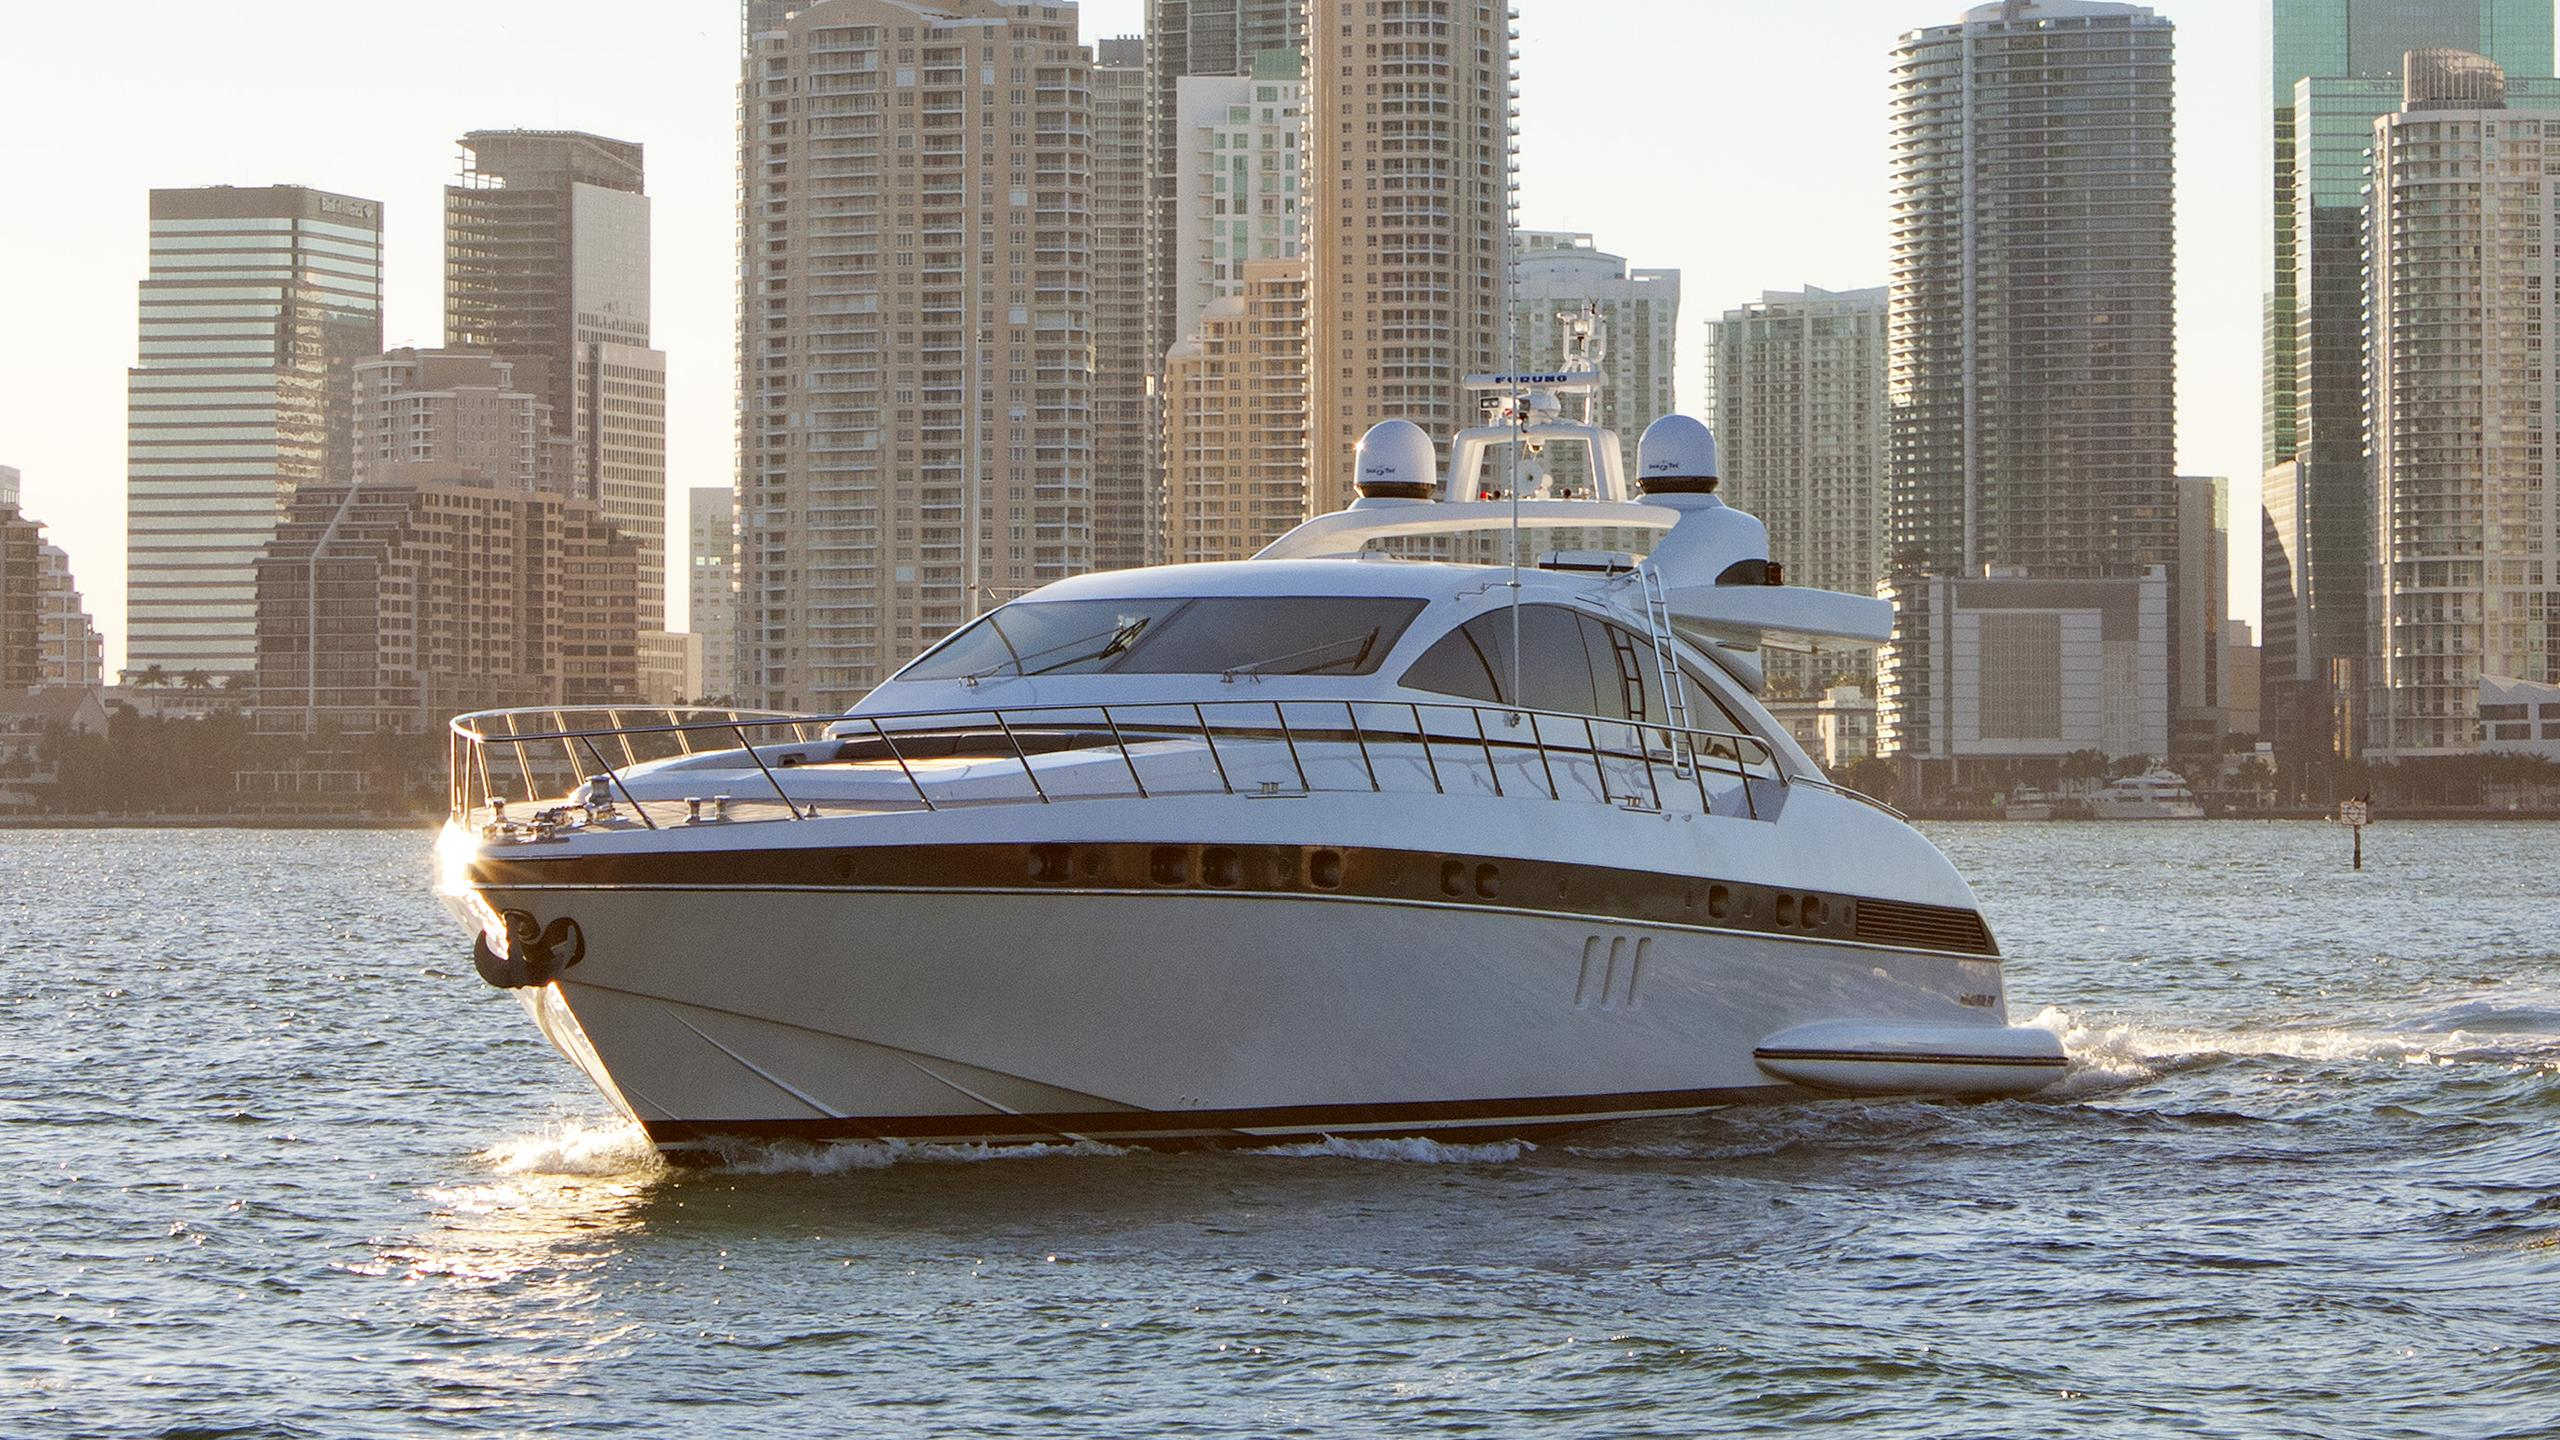 diamond-a-motor-yacht-overmarine-mangusta-80-open-ht-cruising-half-profile